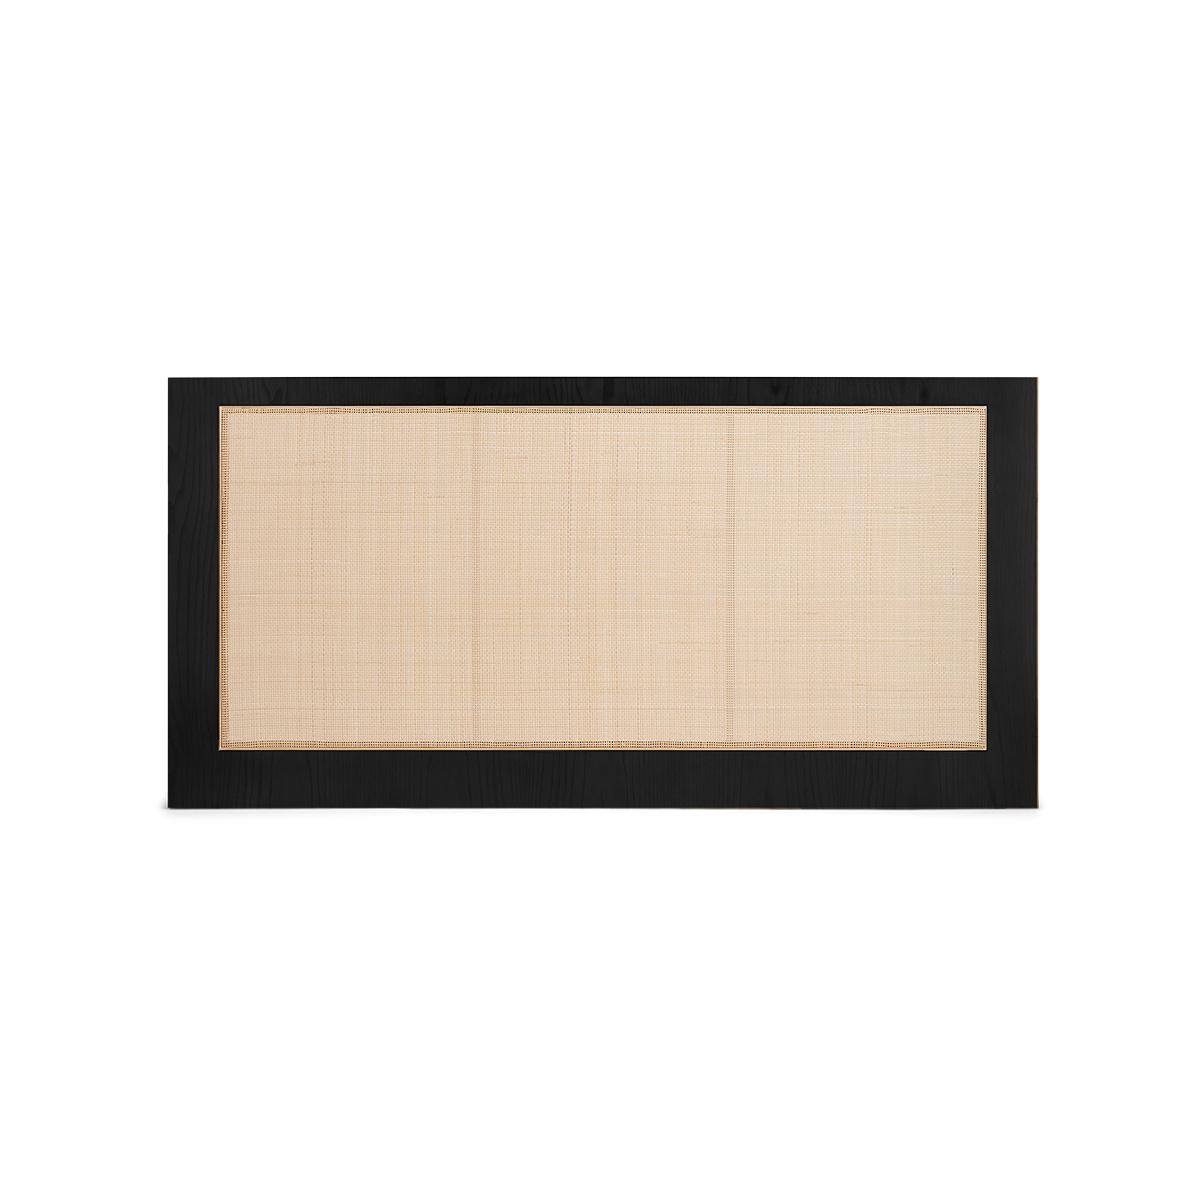 Tête de lit Sogno noire 170 cm